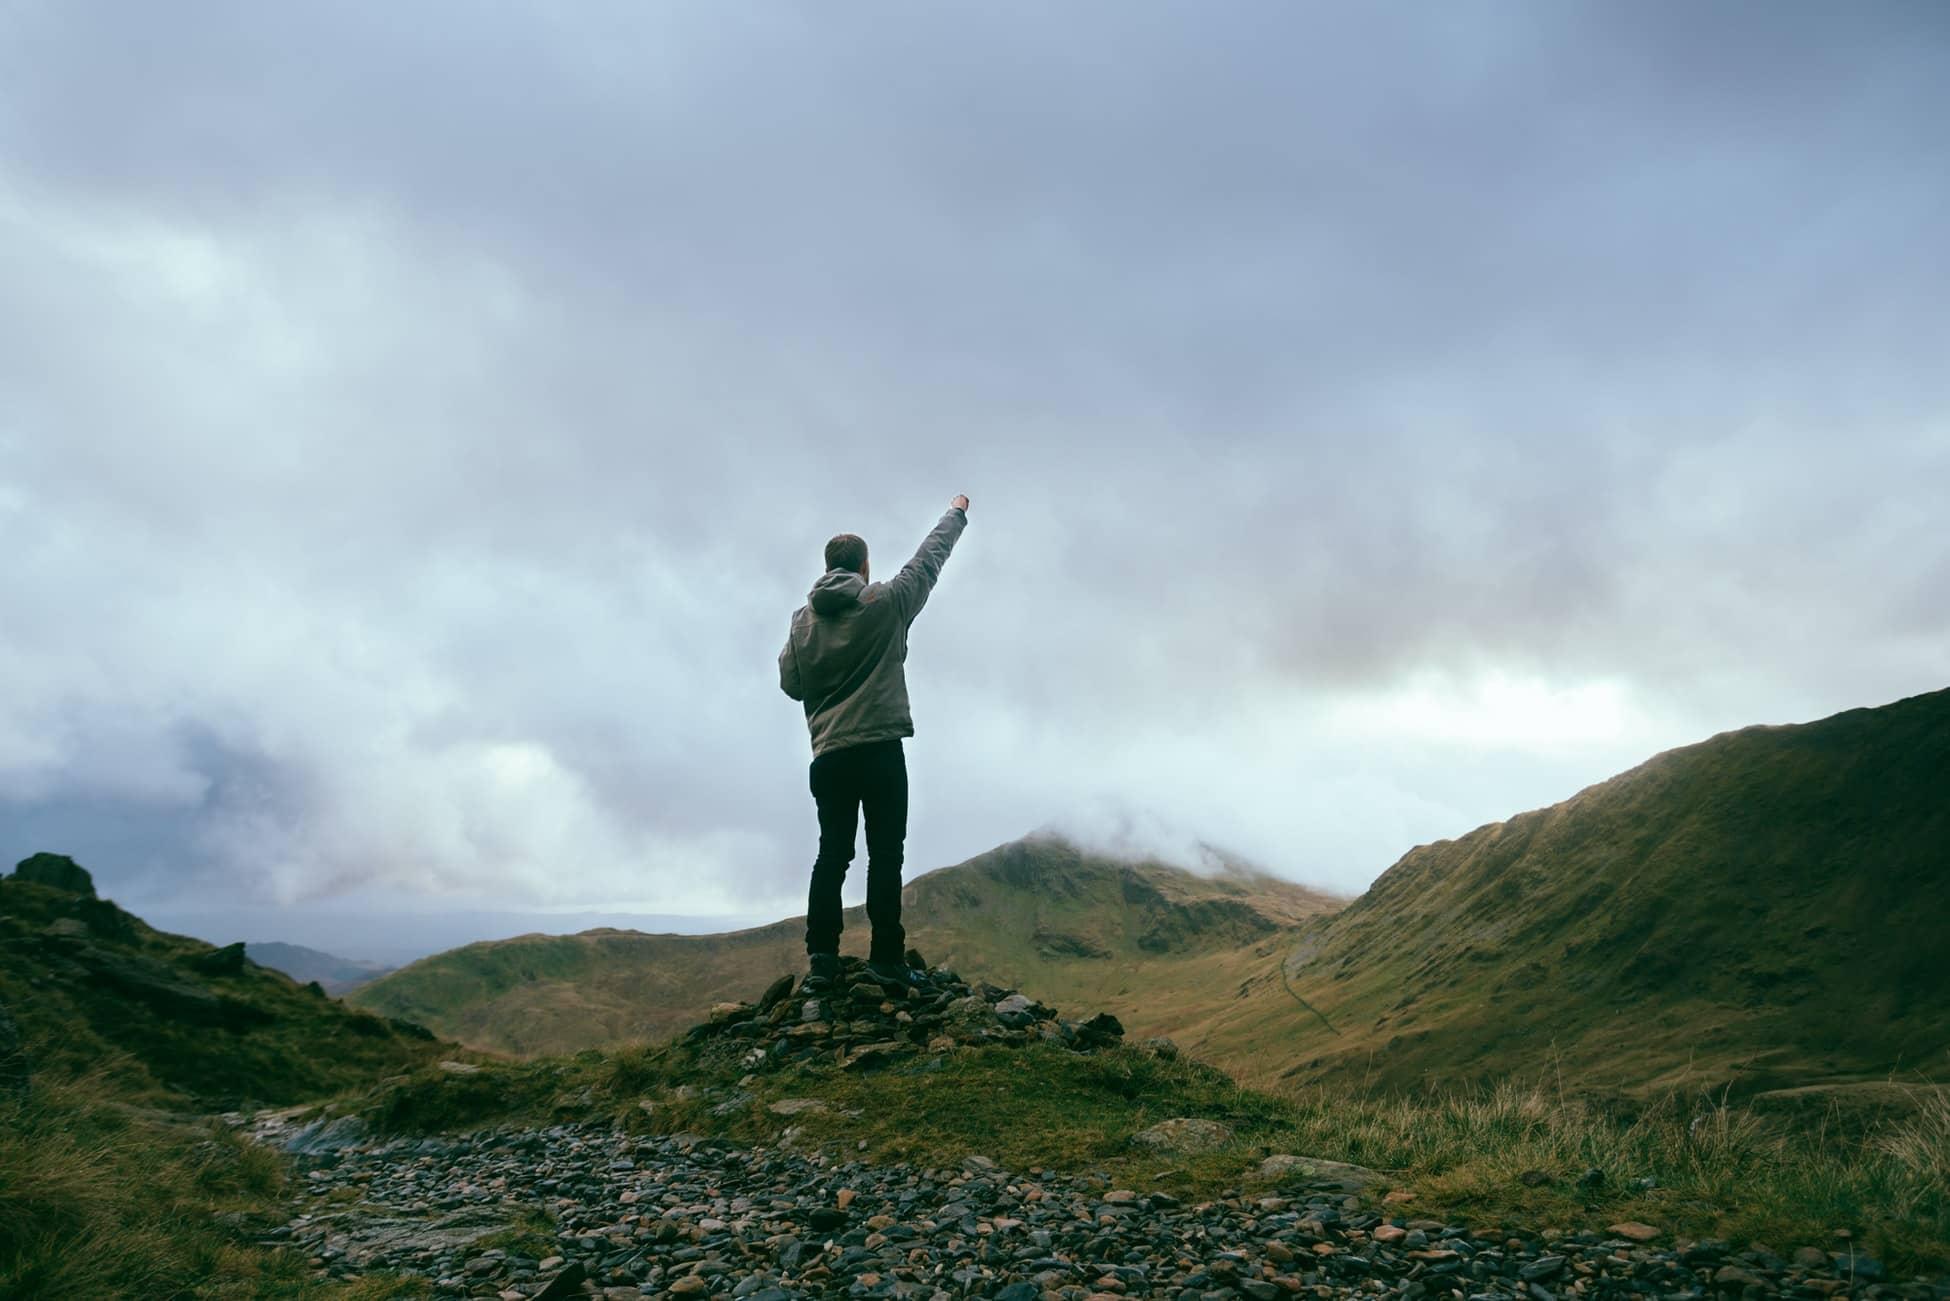 Randonnée en montagne dans la nature